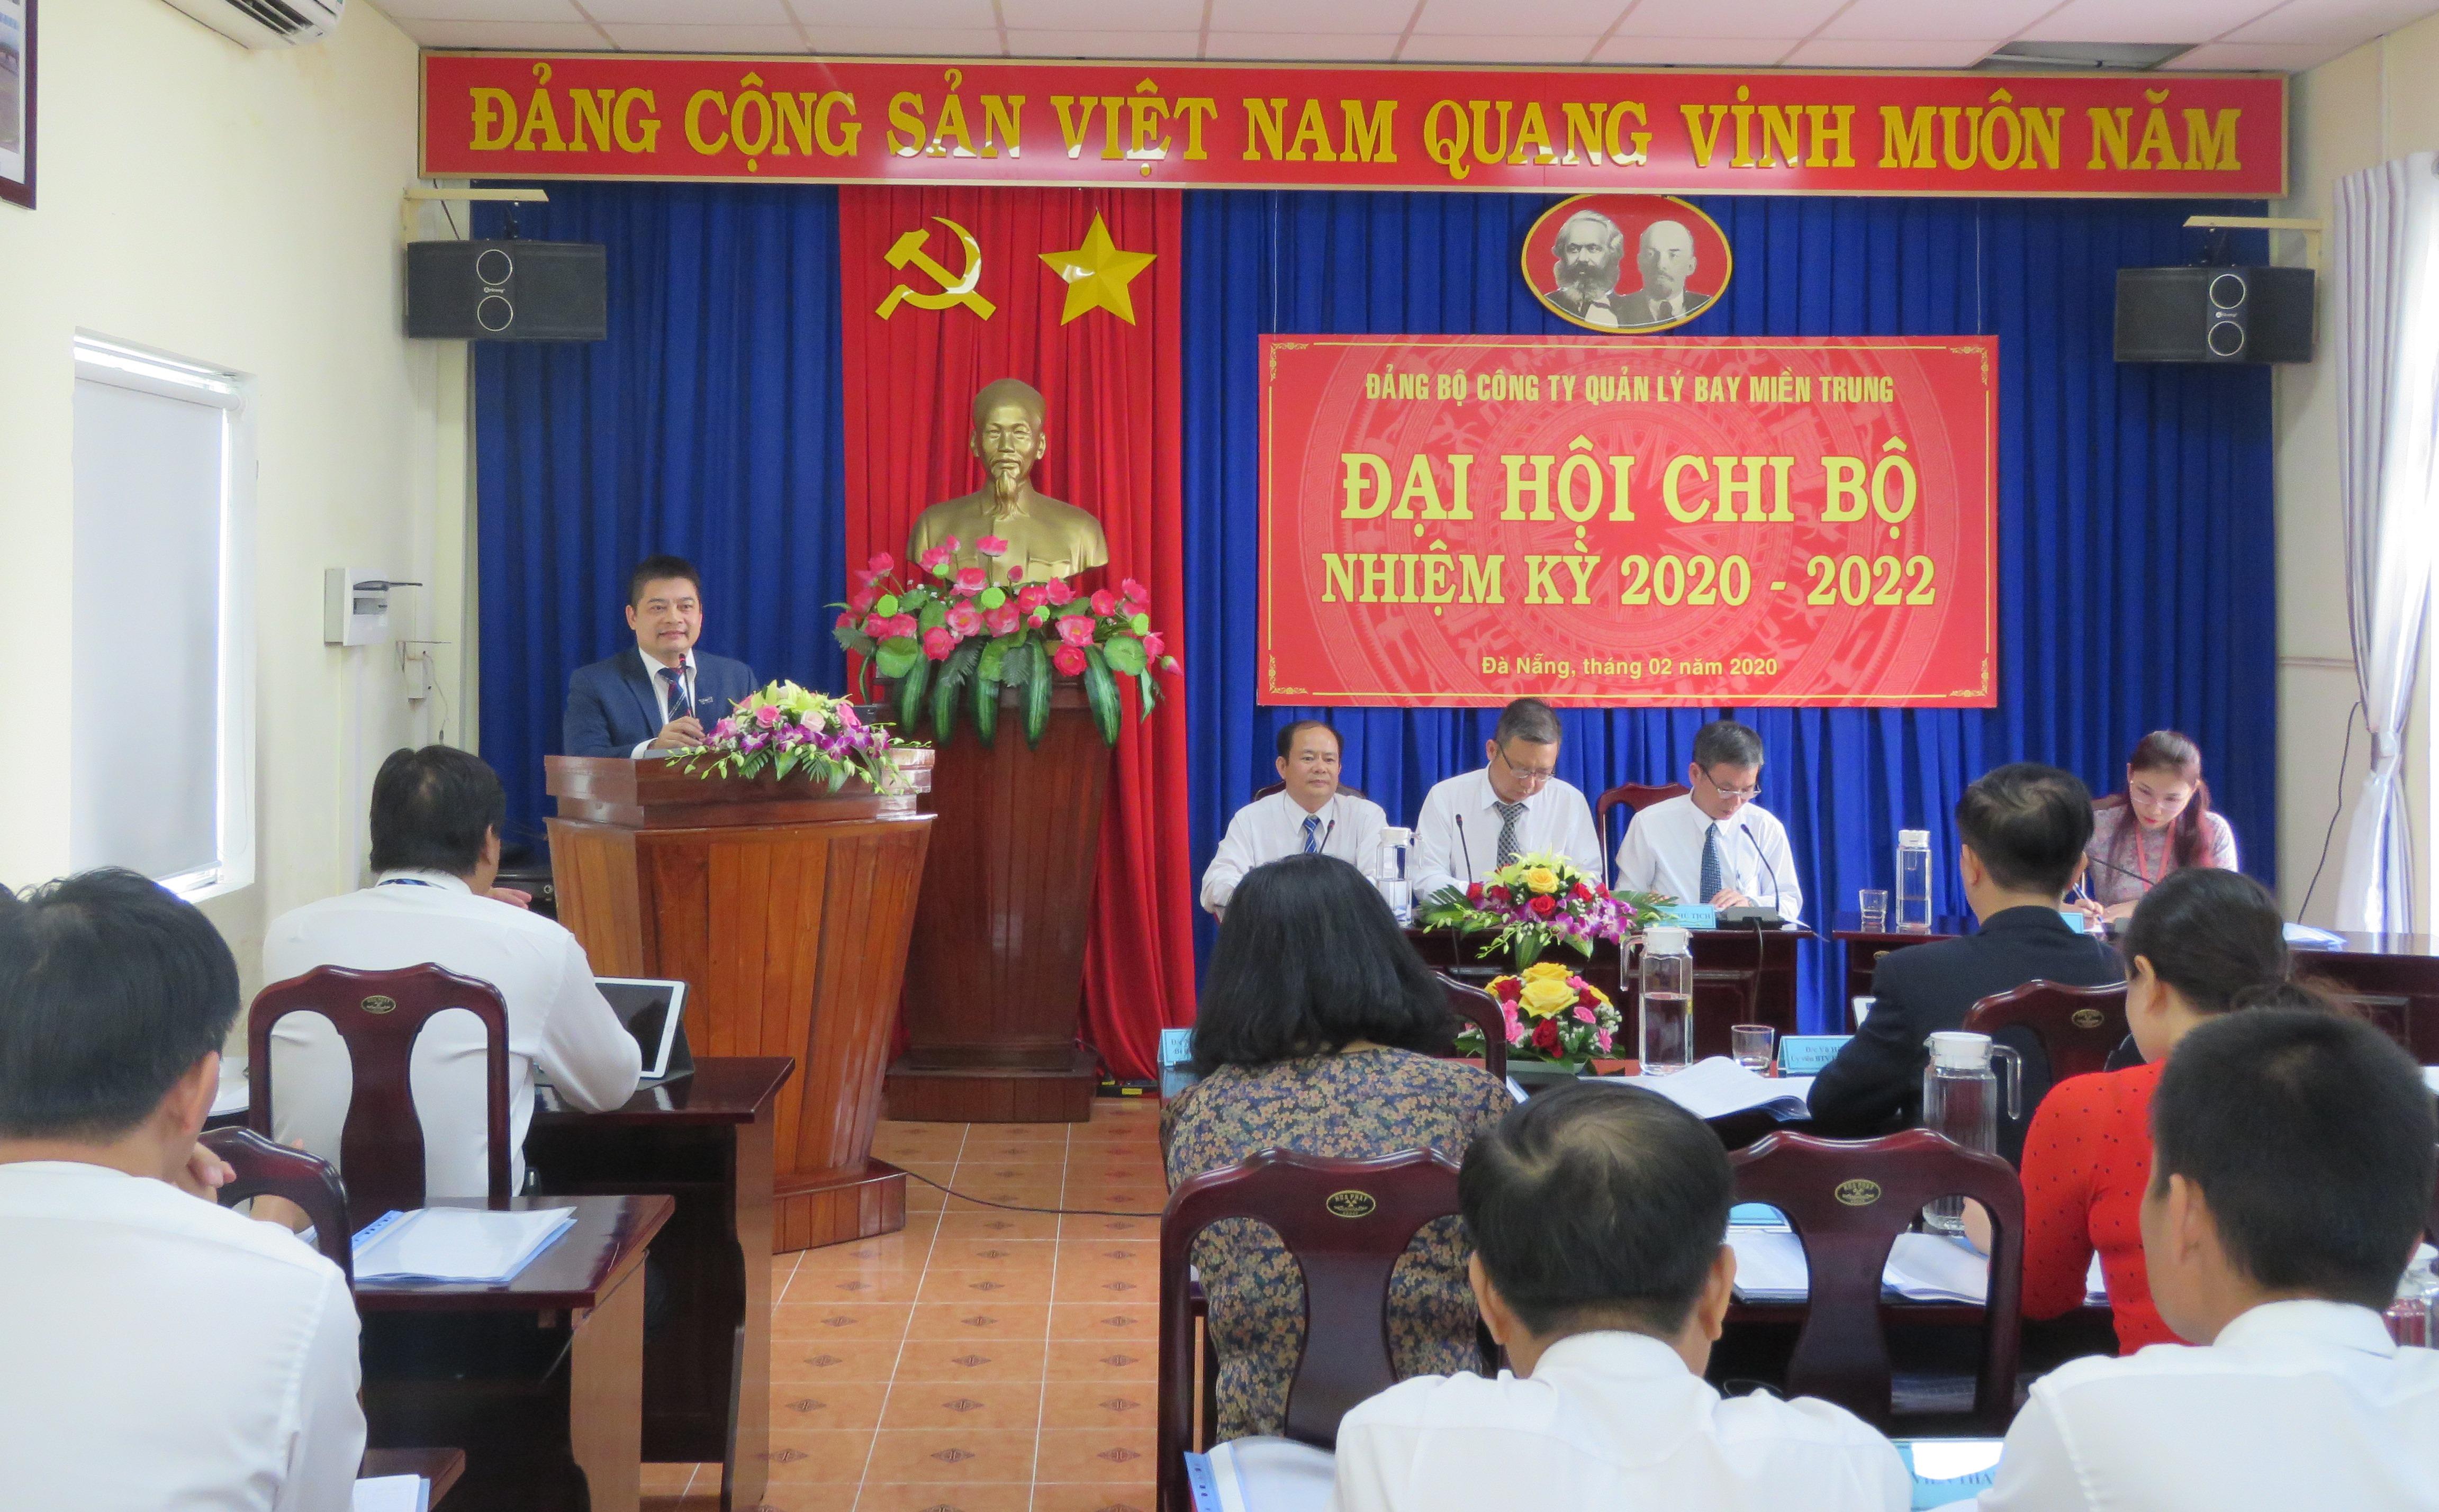 Đại hội điểm - Chi bộ Văn phòng nhiệm kỳ 2020 - 2022 Đảng bộ Công ty Quản lý bay miền Trung